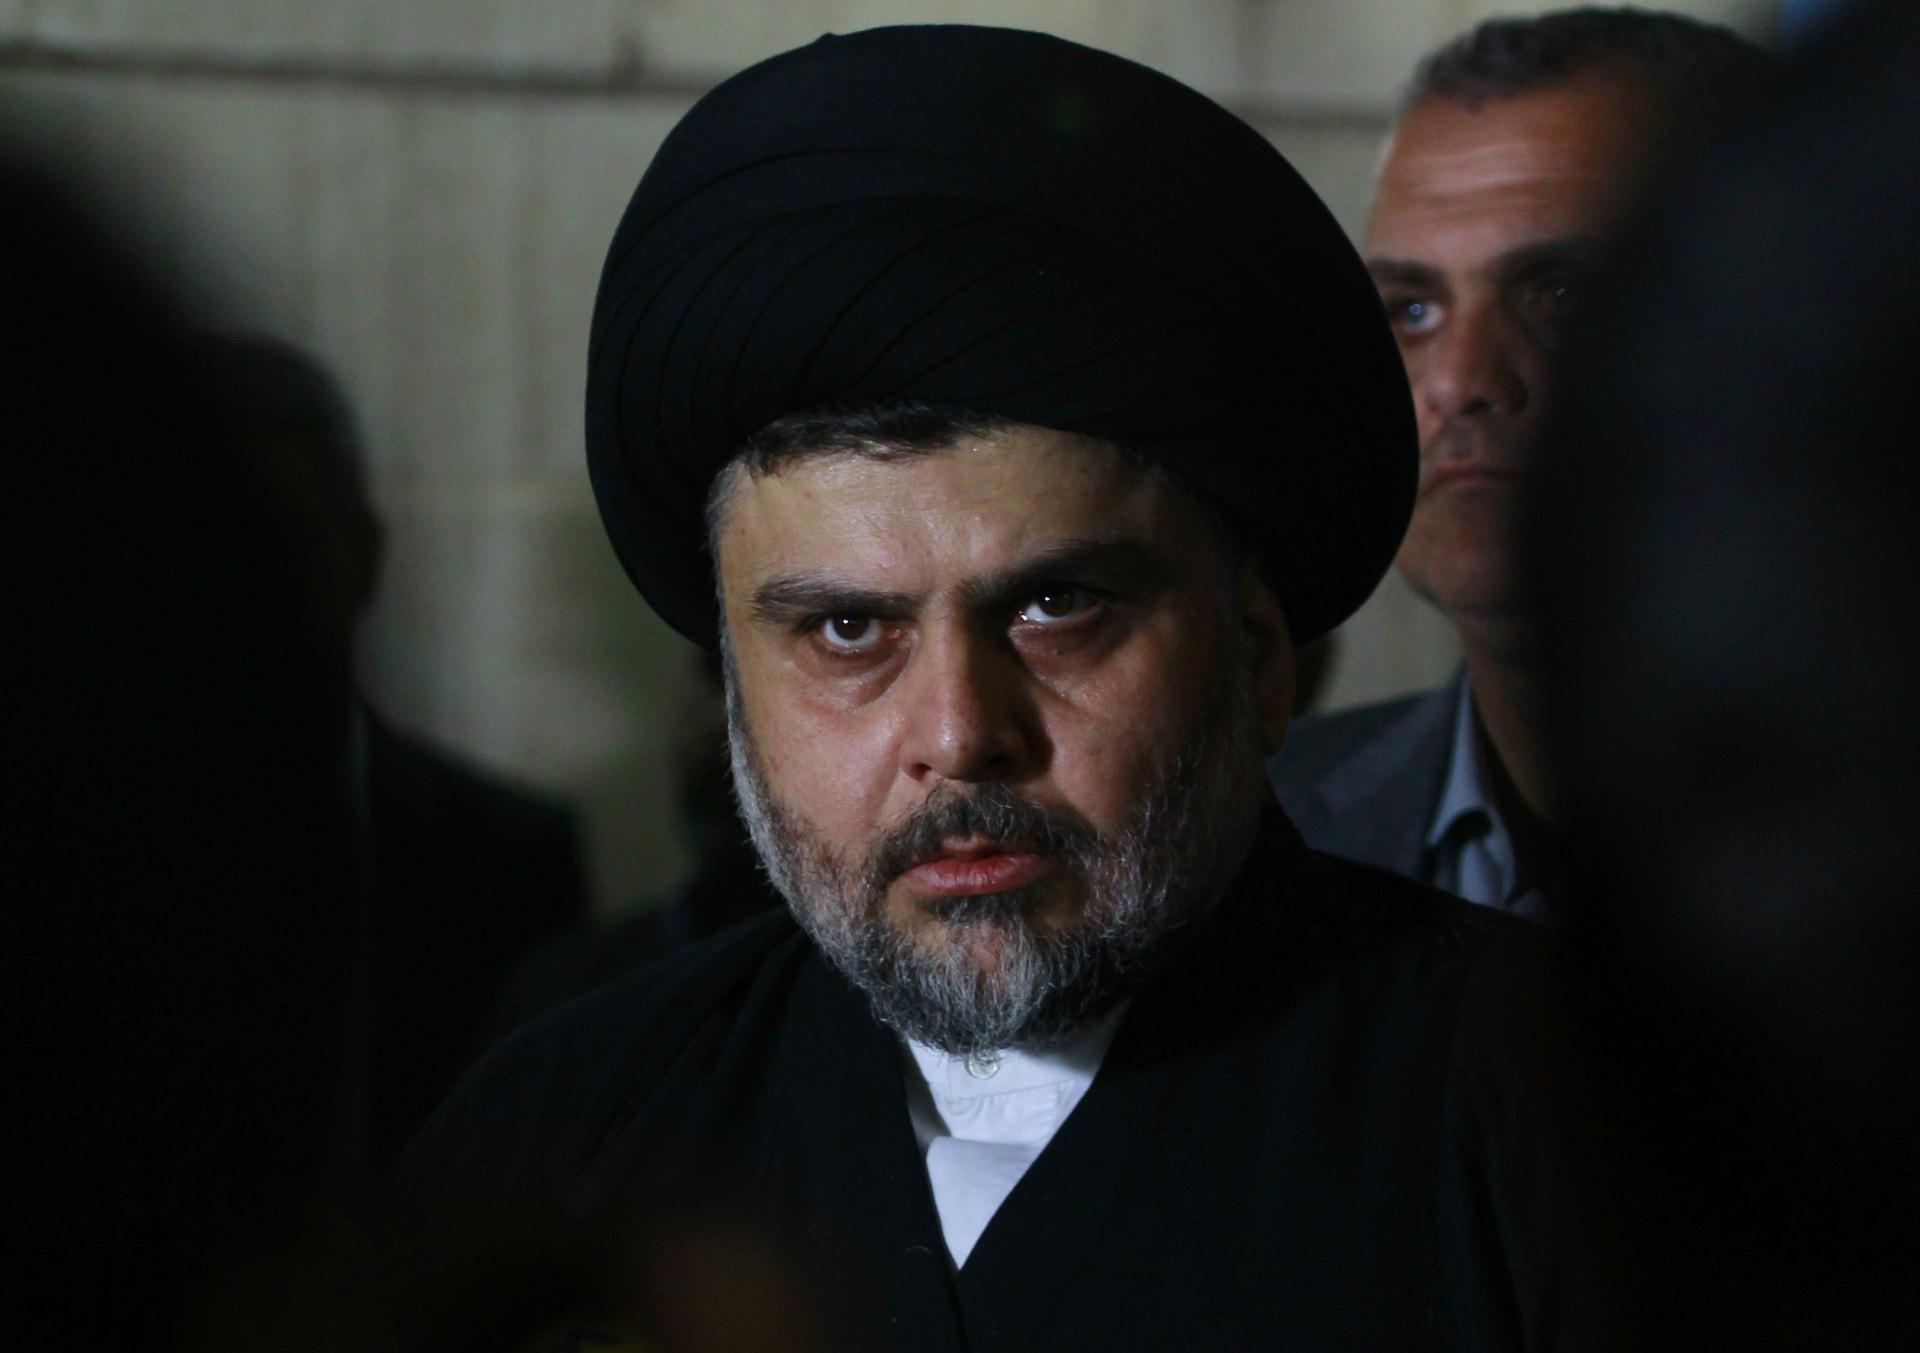 وسائل إعلام إيرانية تنشر صورًا لمقتدى الصدر في عزاء قاسم سليماني